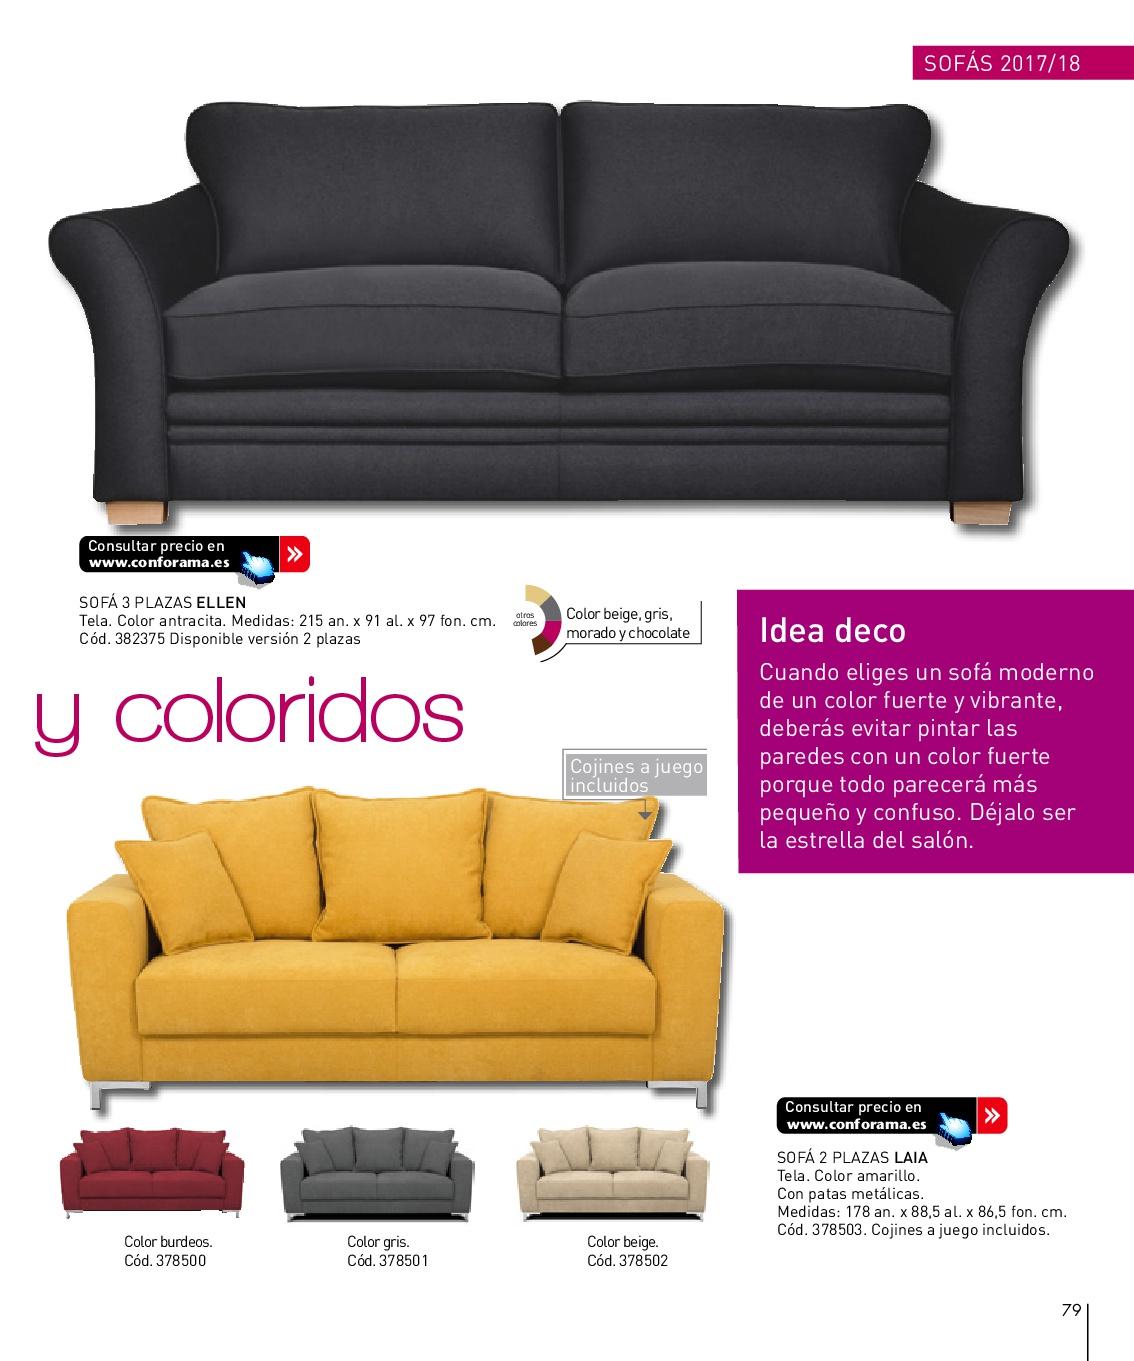 Sofa 2 plazas conforama sof relax plazas valdo with sofa for Sofas piel conforama